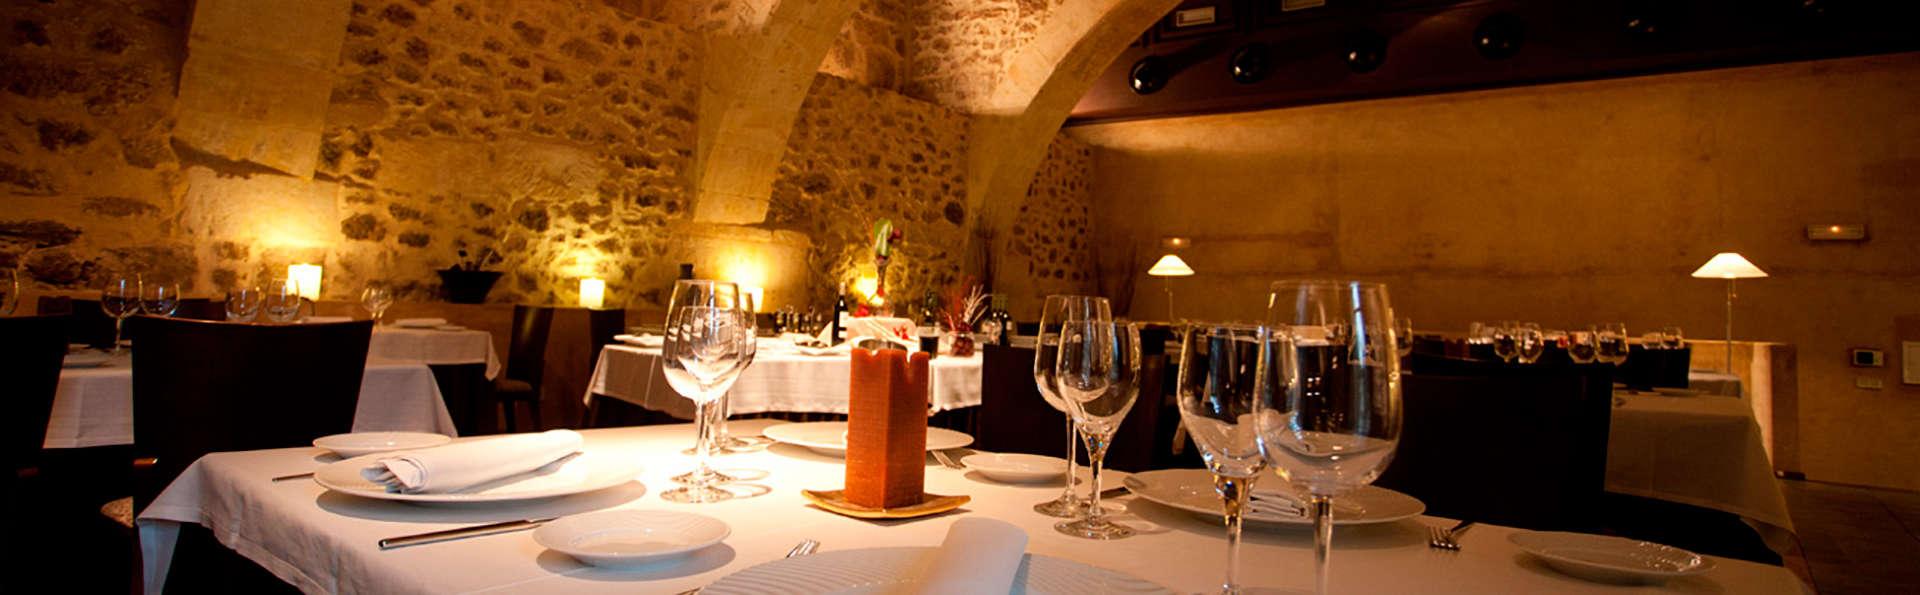 Escapada con Cena y botella de cava en un antiguo convento reformado de Salamanca